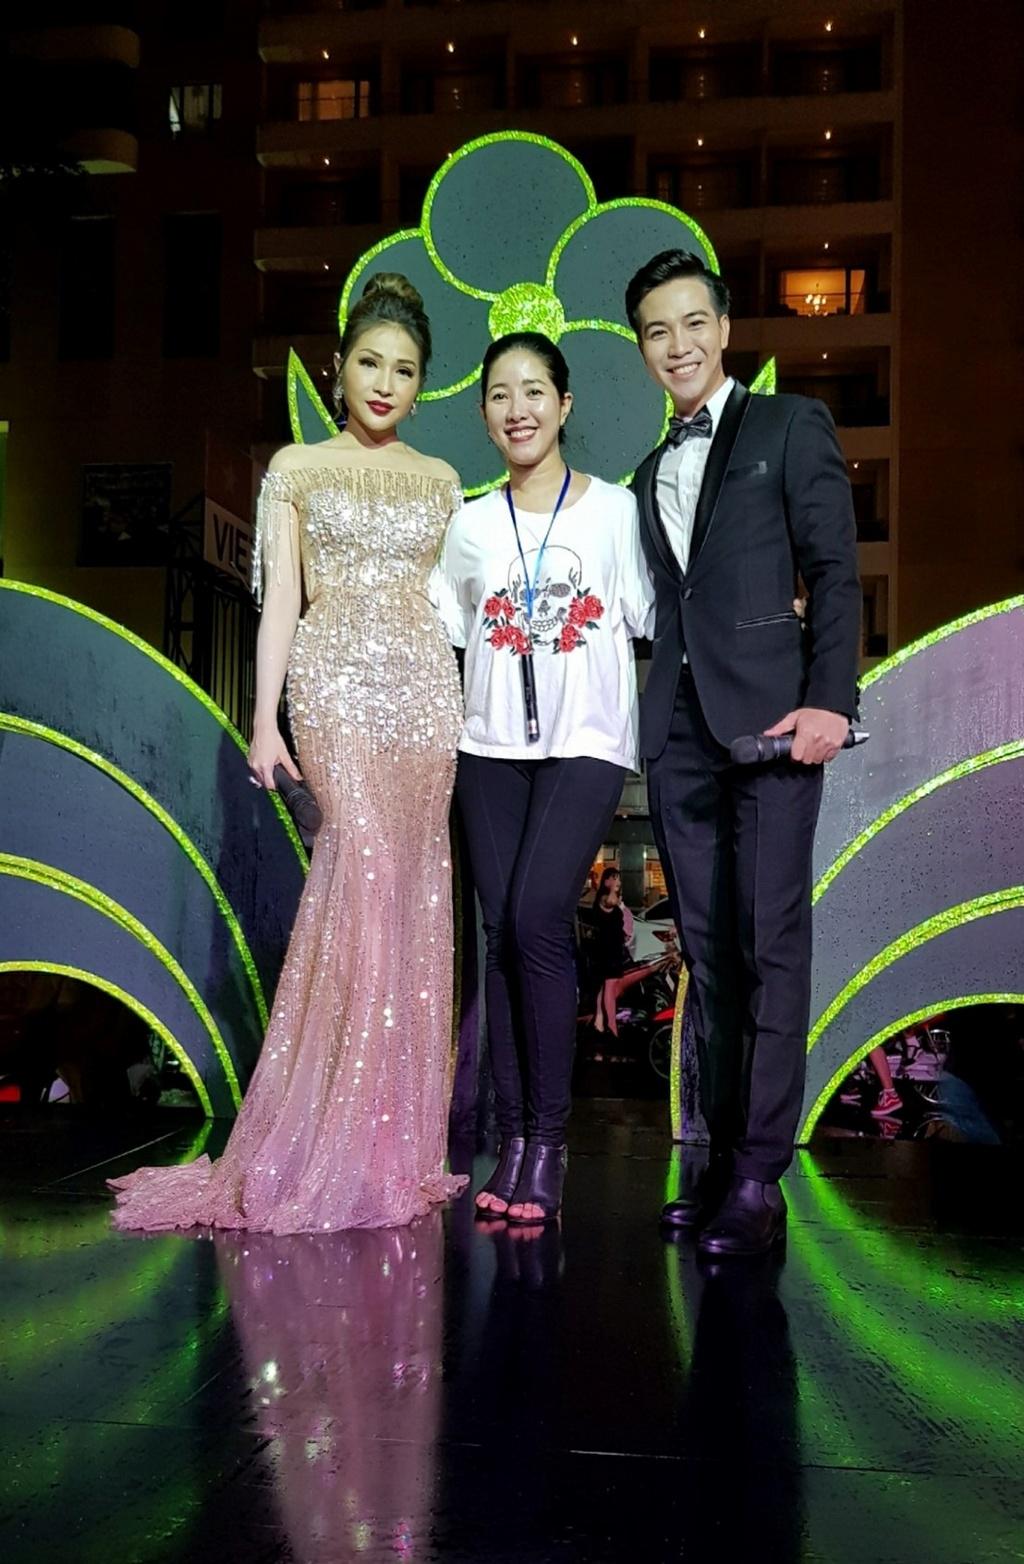 Dao dien Mai Vang: 'Truong Giang di muon, hanh xu khong the chap nhan' hinh anh 2